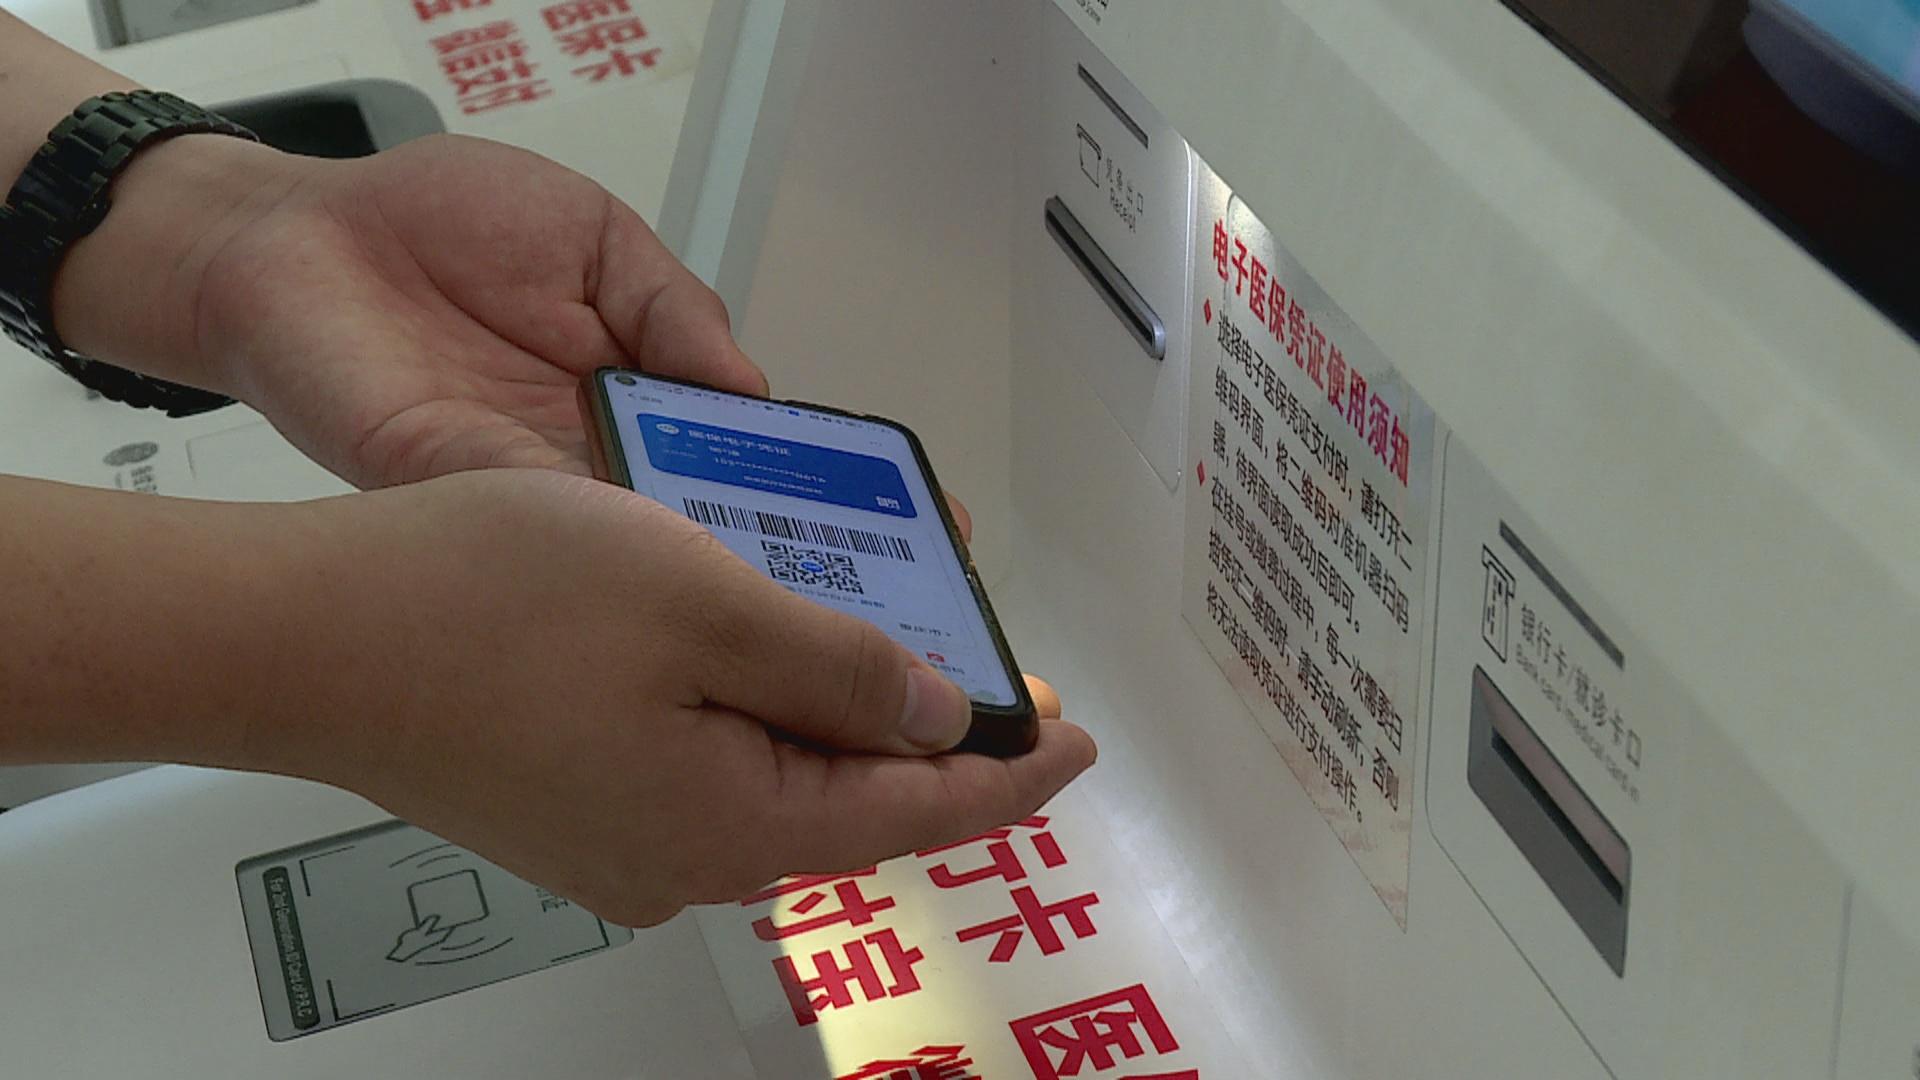 市民通过电子医保凭证扫码缴费.jpg